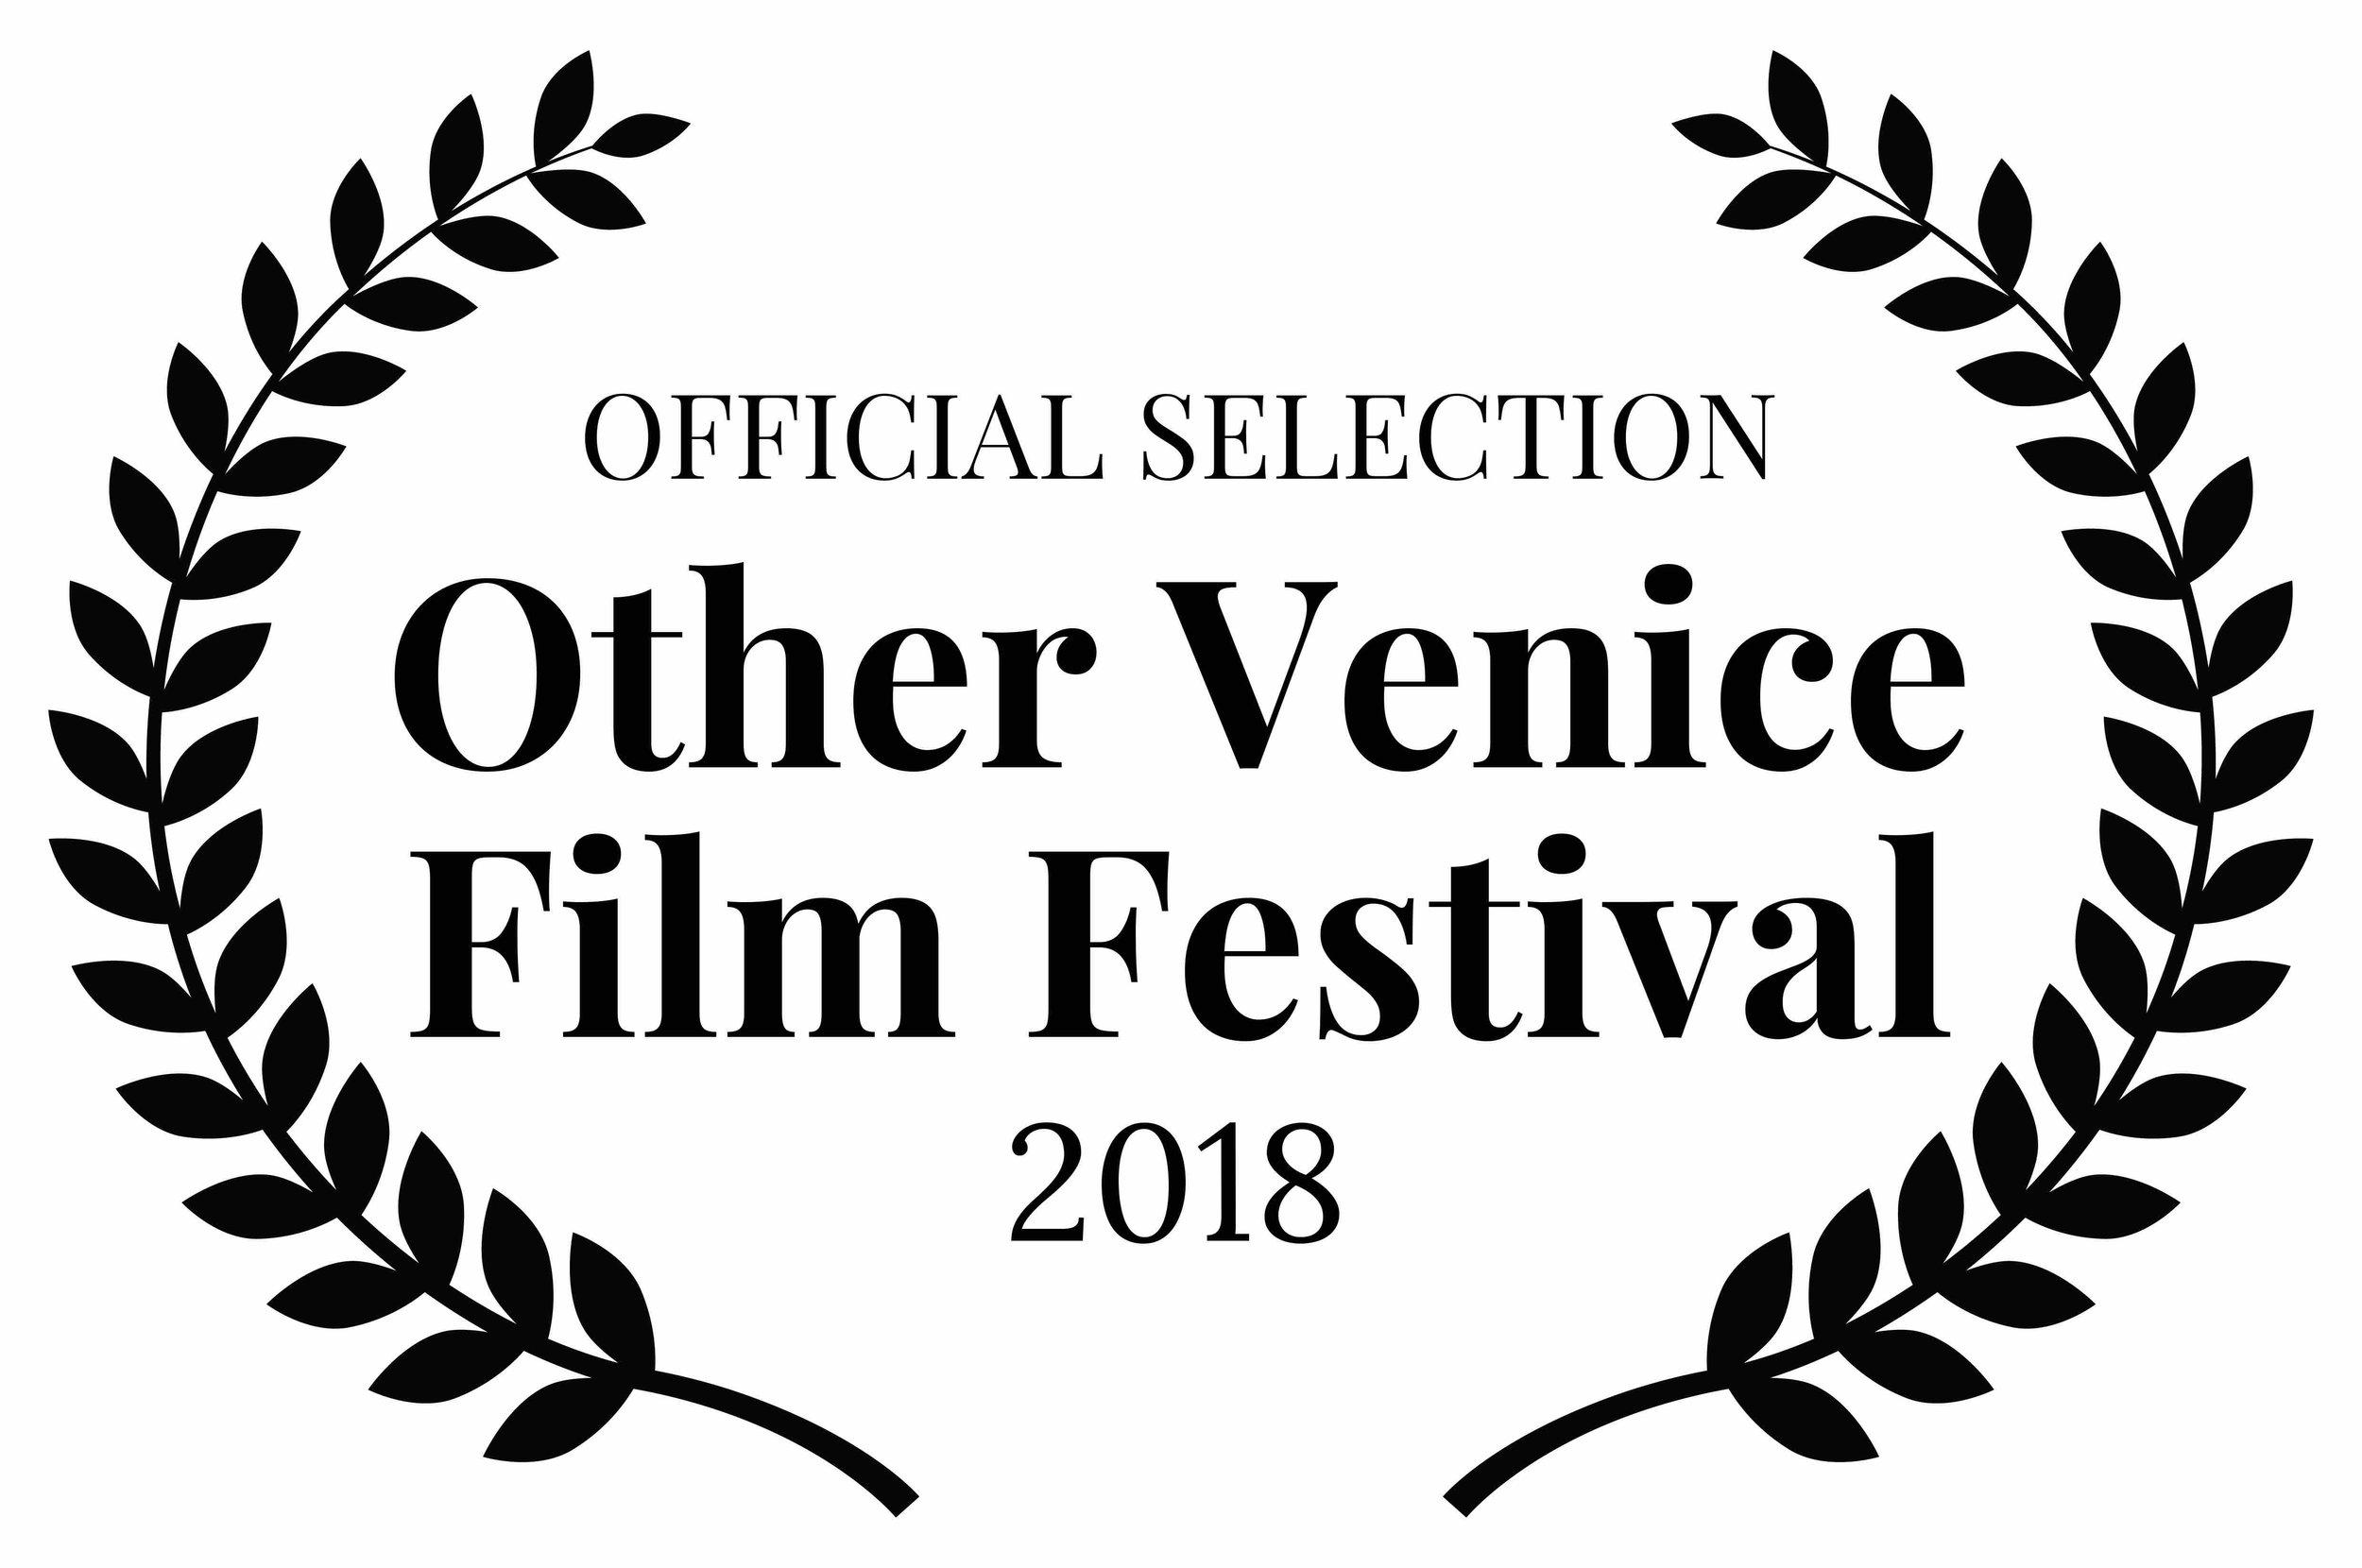 OFFICIALSELECTION-OtherVeniceFilmFestival-2018.jpg